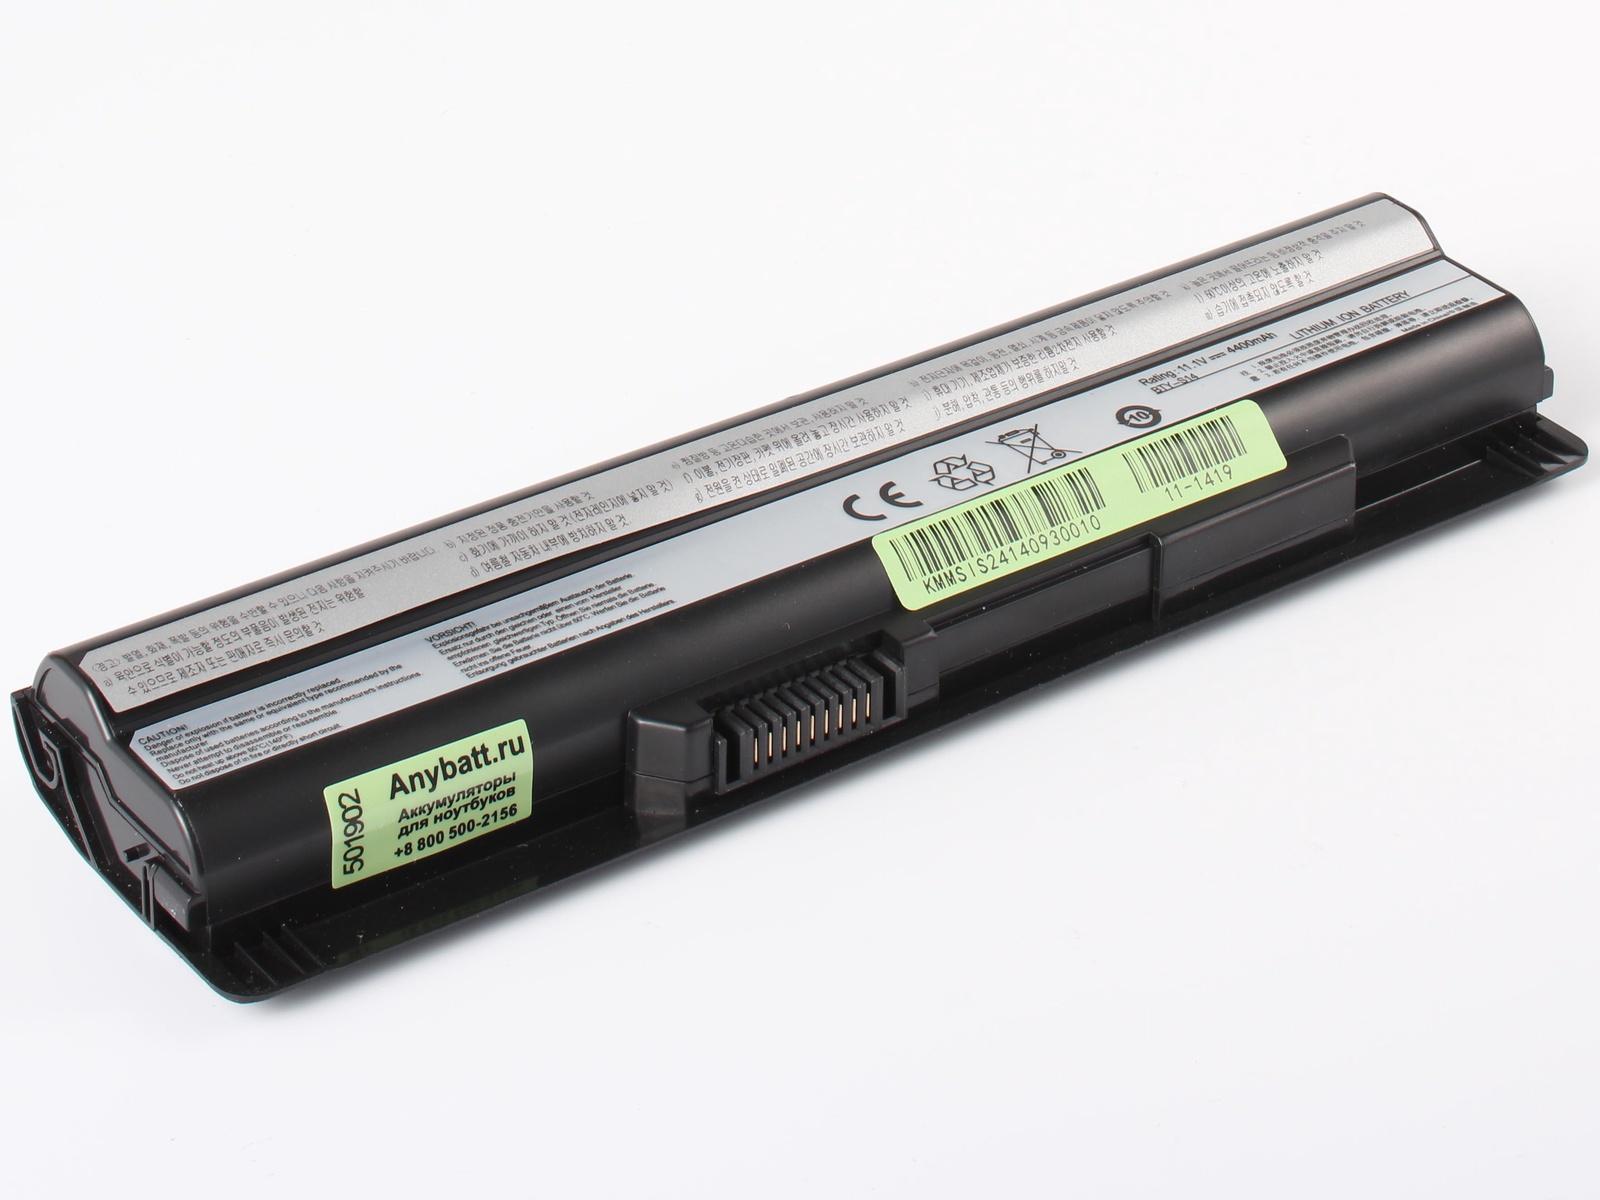 Аккумулятор для ноутбука AnyBatt для MSI GE70, CX70, GE70 2PL, CX61, GP60, FX600, GE620DX, GE60 2PL, GP60 Leopard, GP70 Leopard, GE70 2PE, CR61, CR650, GE70 2PC, GP60 2PE, GP70 2QF, GE70 2QE, GP70 2PE, GE70 0ND, GP60 2PE Leopard chicony 19 5v 6 15a 120w a12 120p1a ac adapter for clevo w650sj w355st w35 37et msi gp70 2pe l ge60 ge70